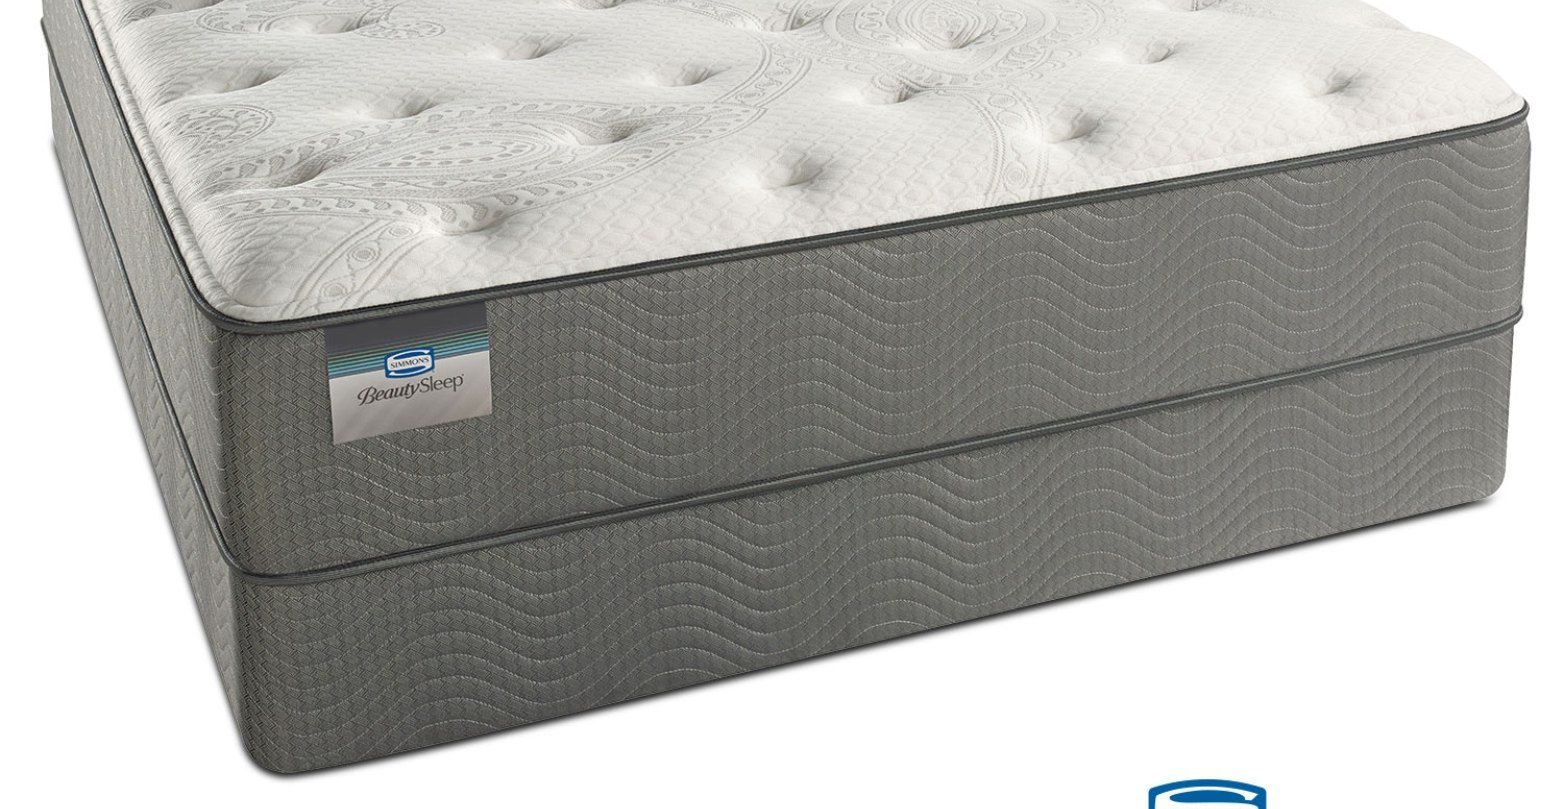 Matratzen Schonen Serta Matratze Preise Stags Leap Luxus Firma